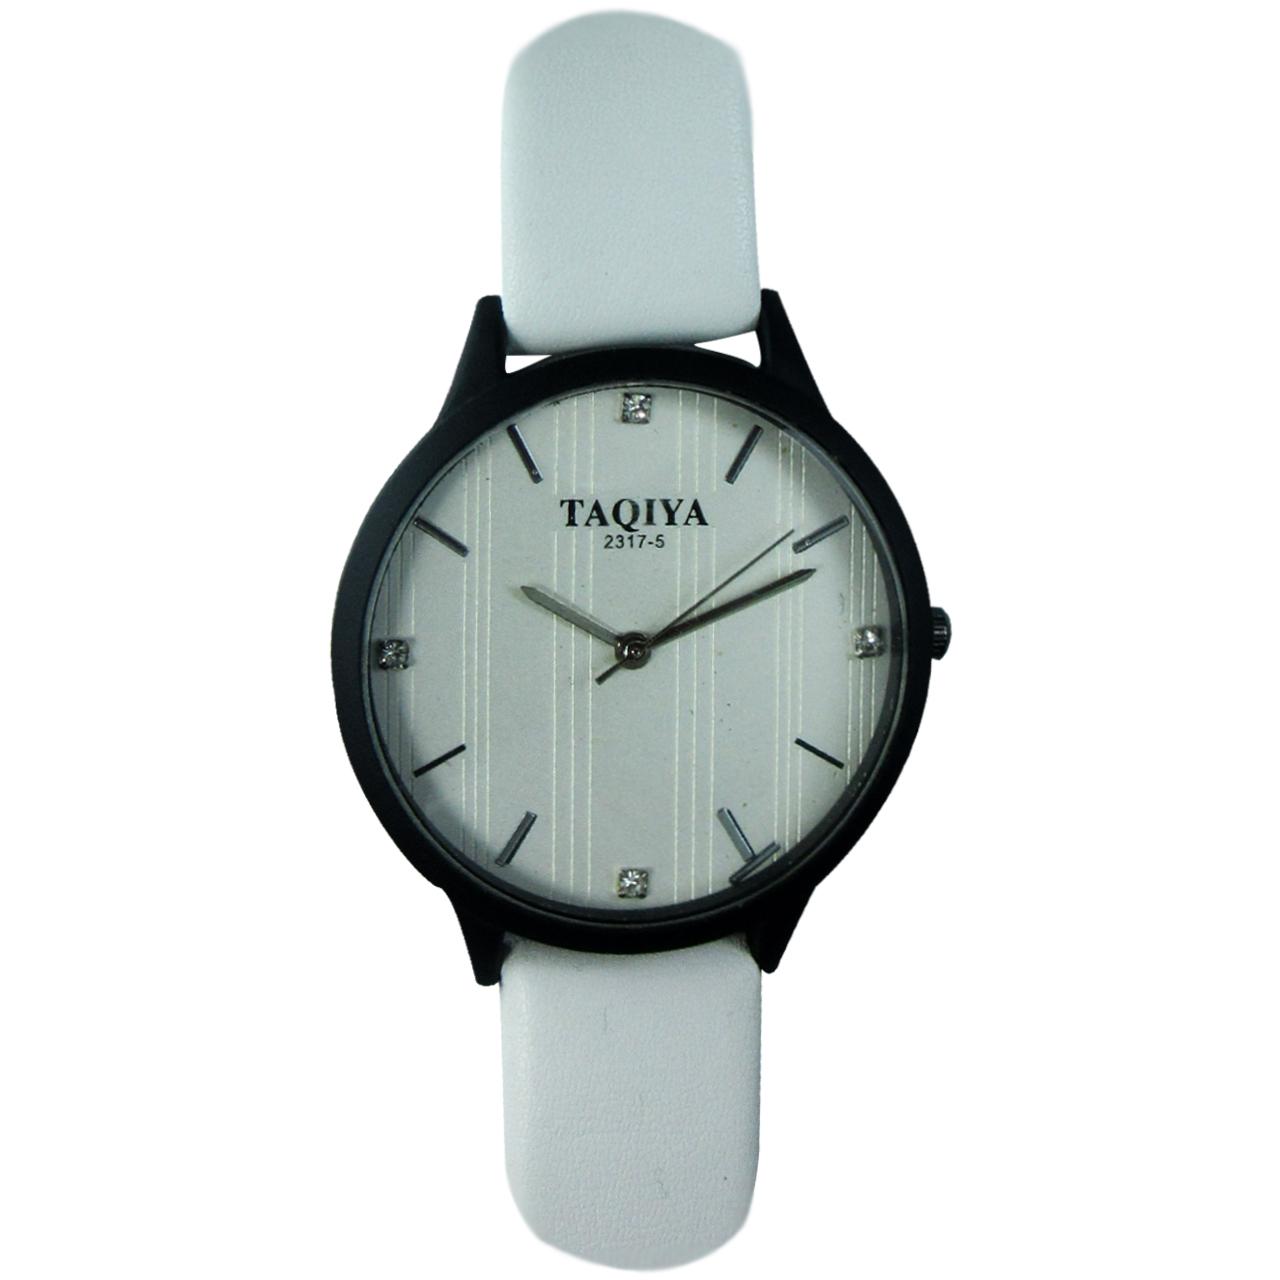 خرید ساعت مچی عقربه ای تاکیا مدل BWP رنگ سفید